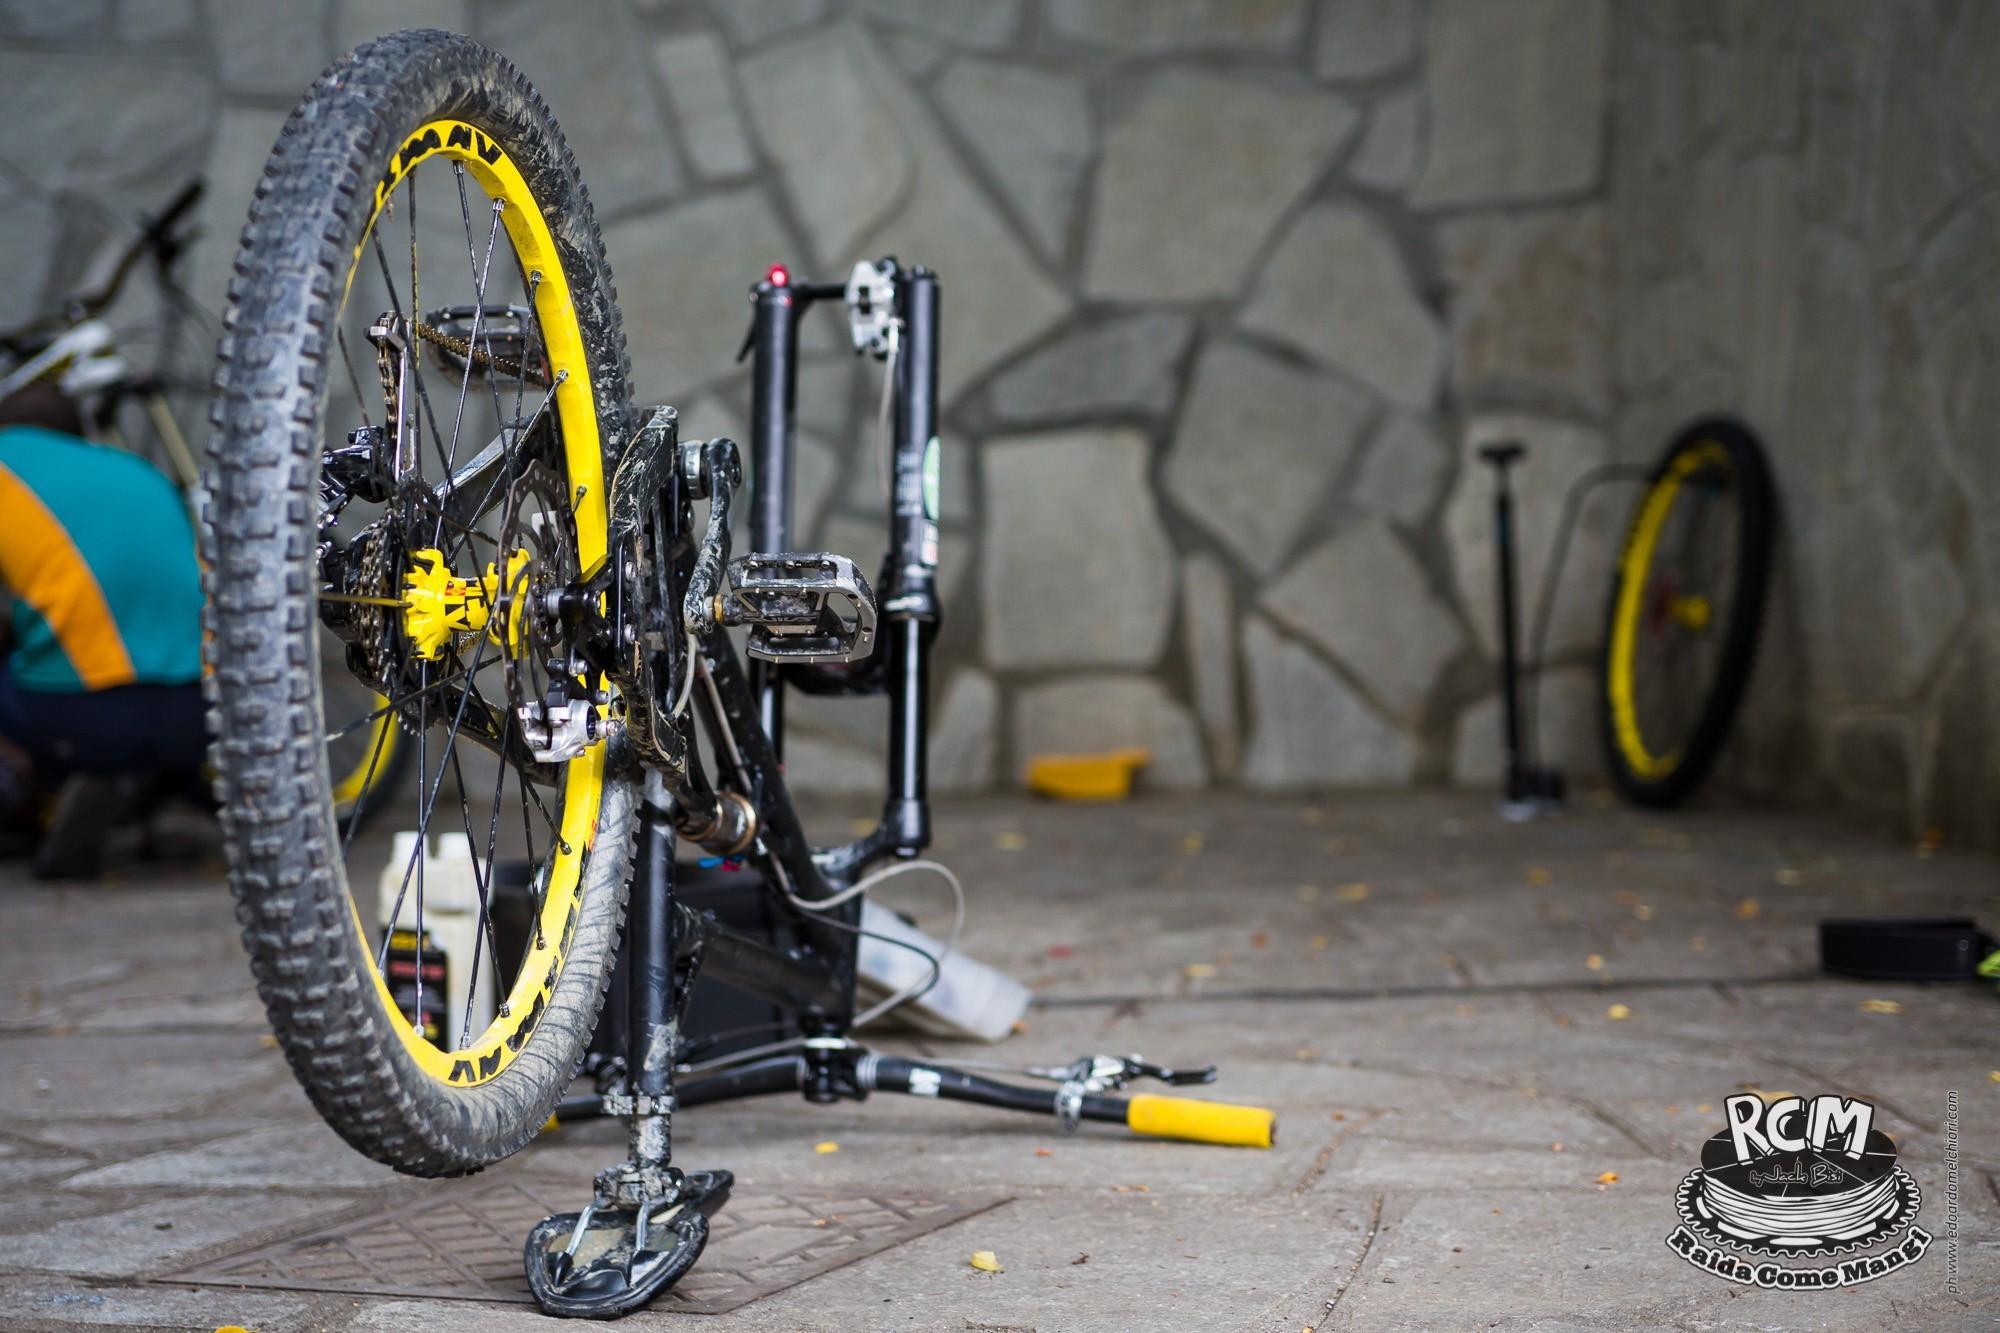 Una MTB capovolta a terra senza la ruota anteriore durante un pit stop meccanico